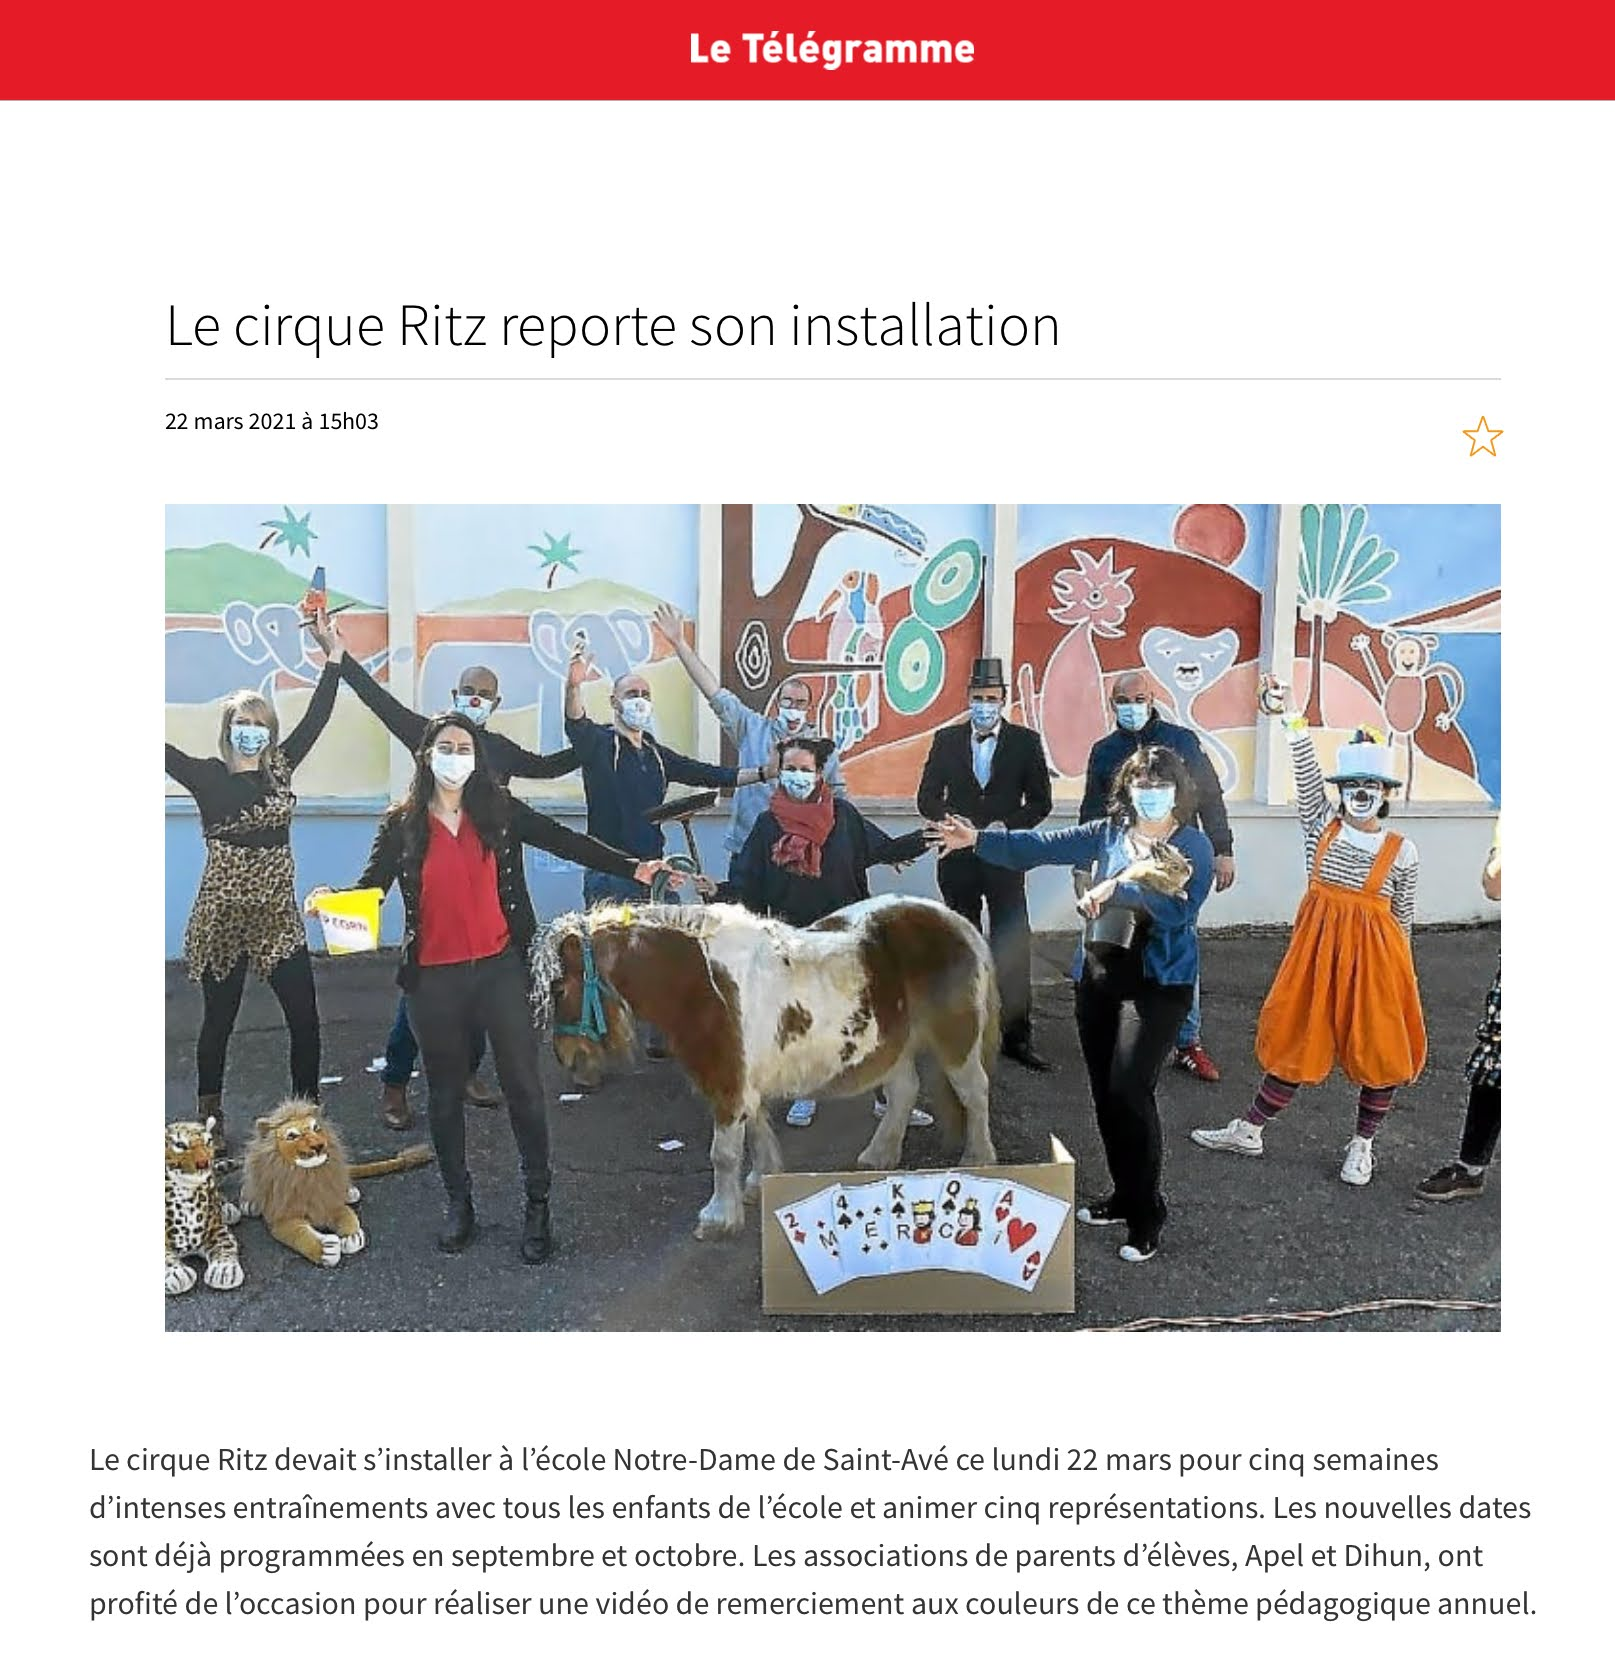 Le cirque Ritz reporte son installation